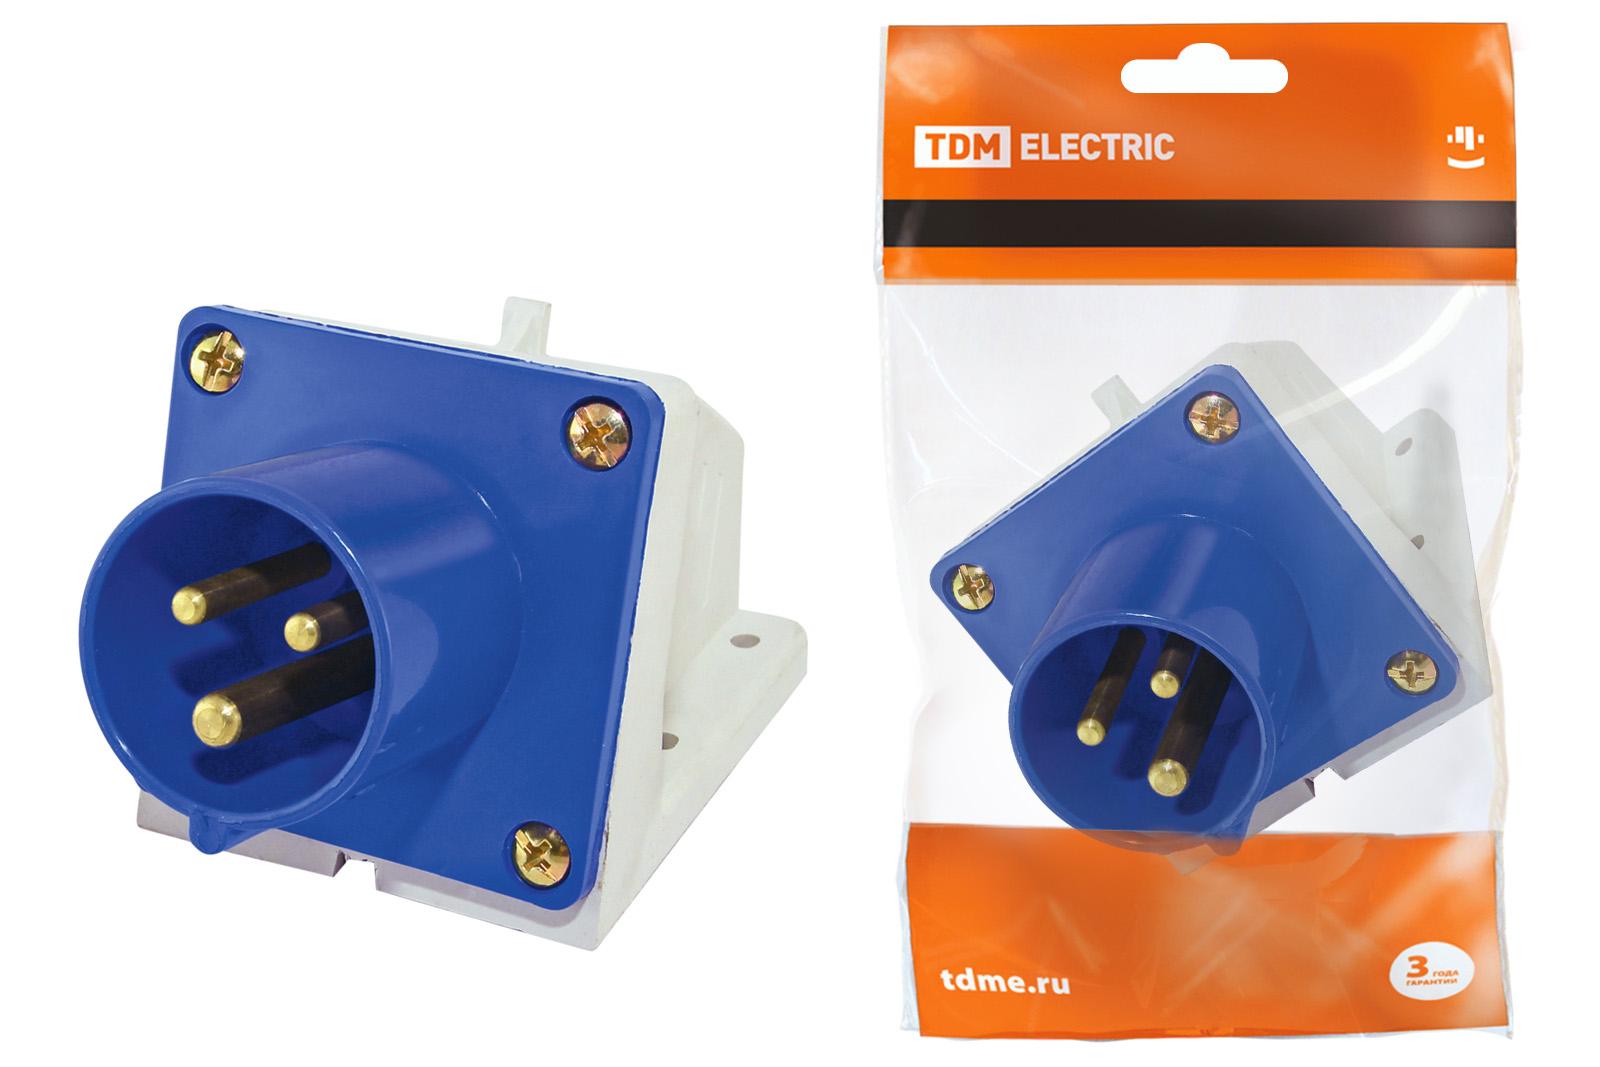 Вилка кабельная ТДМСиловые разъемы<br>Тип изделия: вилка, Напряжение: 220, Способ монтажа: переносная, Сила тока: 16, Количество контактов: 3, Заземление: есть, Степень защиты от пыли и влаги: IP 44, Цвет: синий<br>